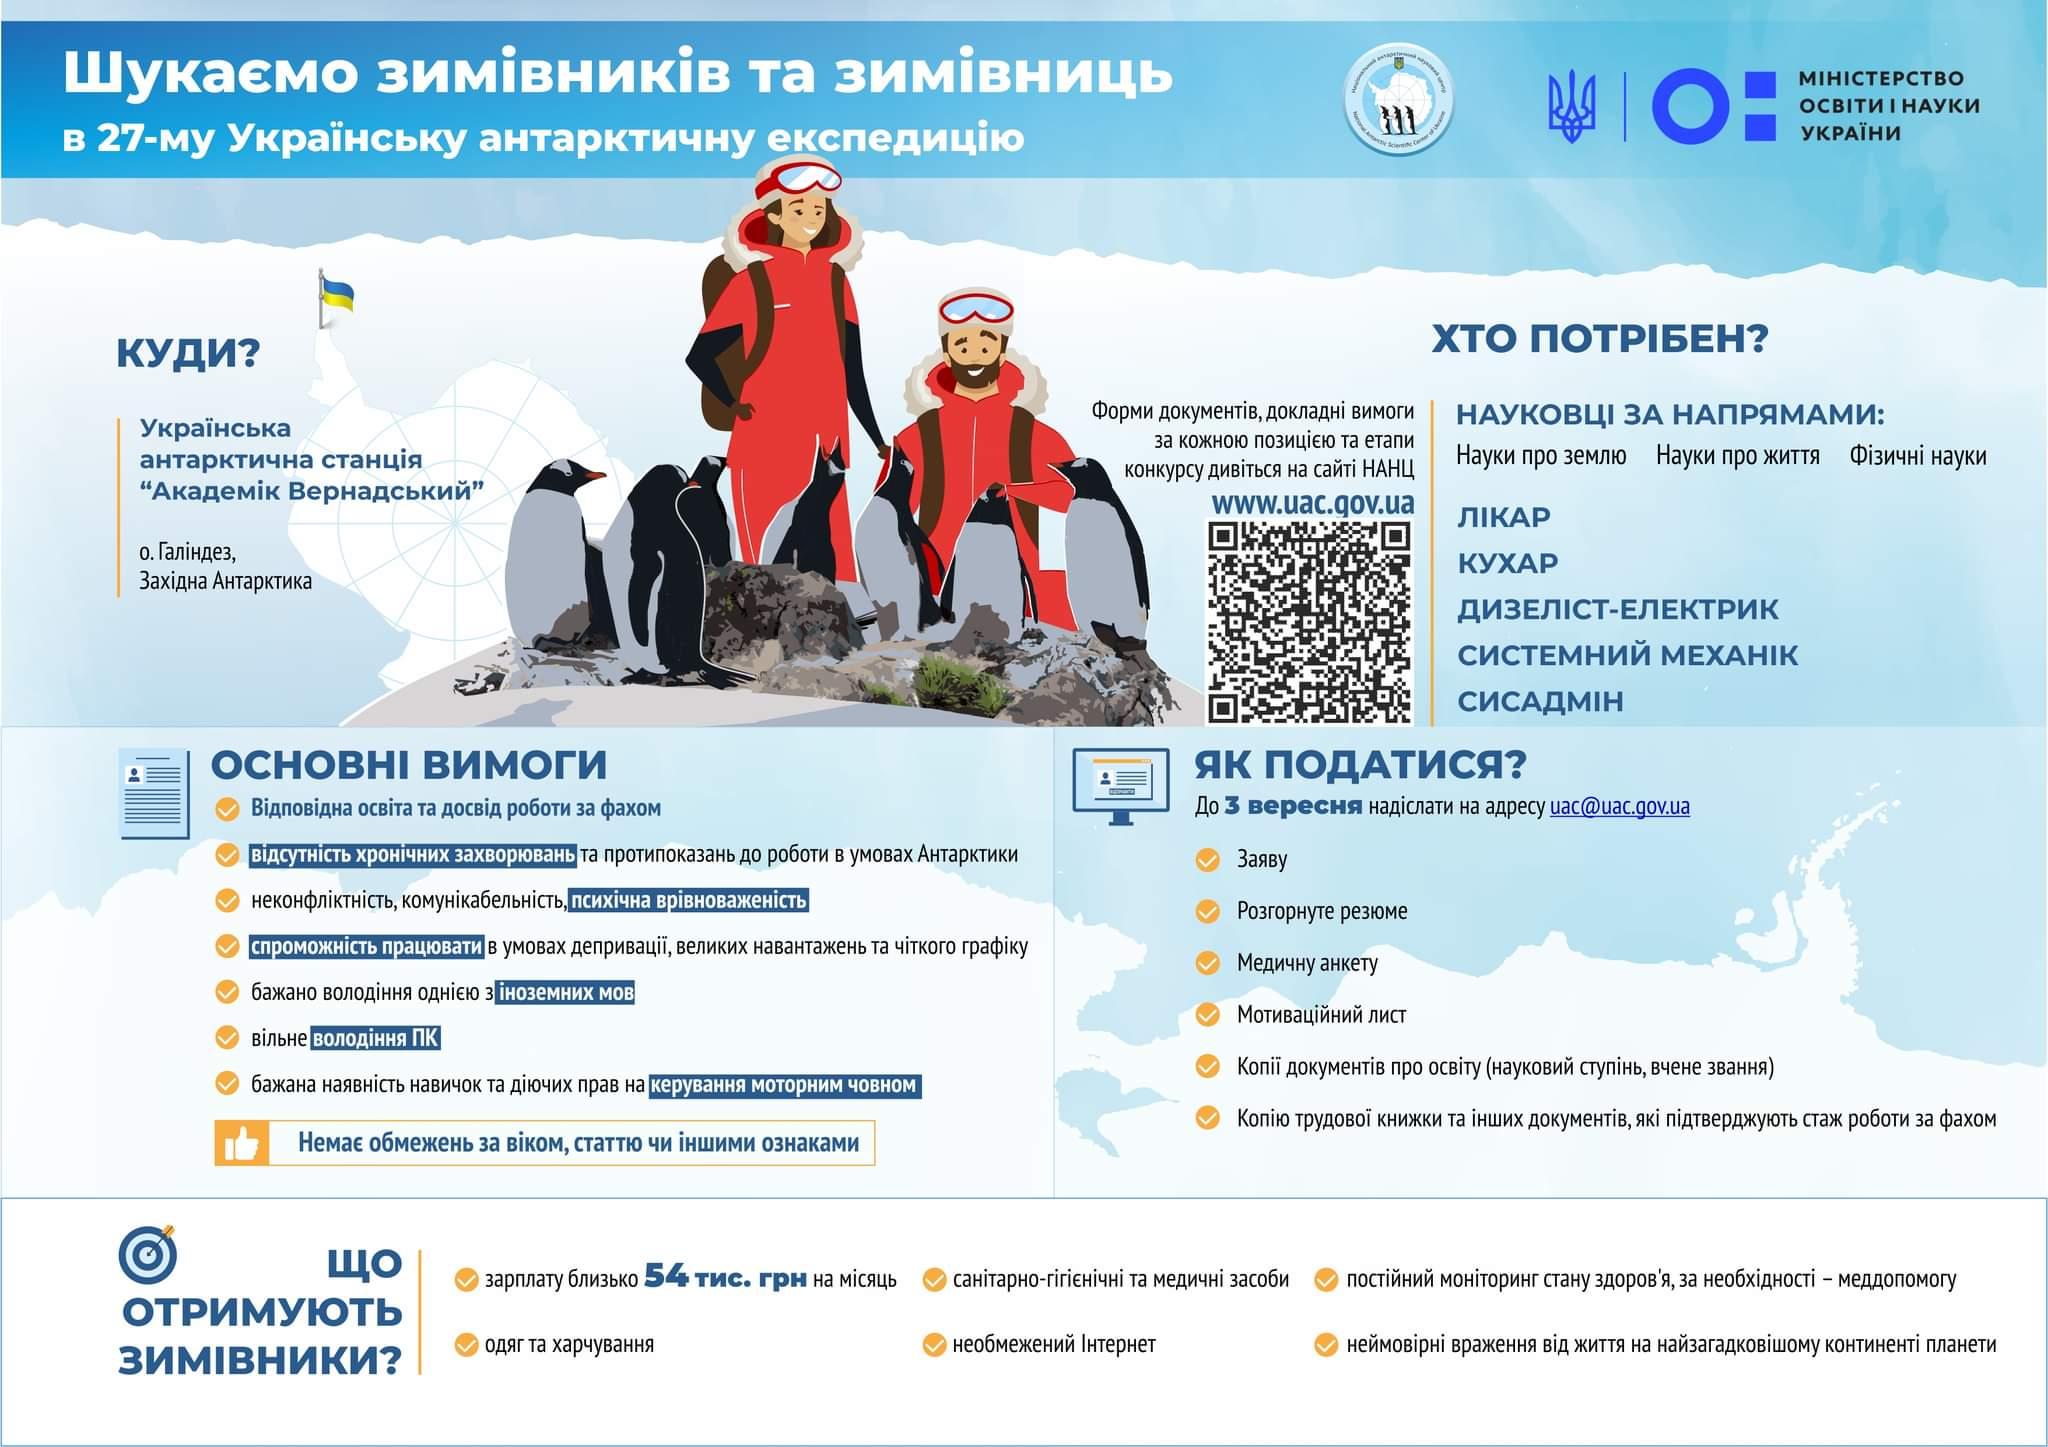 В Одессу придет купленный за 5 млн долларов ледокол. Украинцев приглашают отправиться в Антарктиду, зарабатывая по 54 тыс. грн в месяц